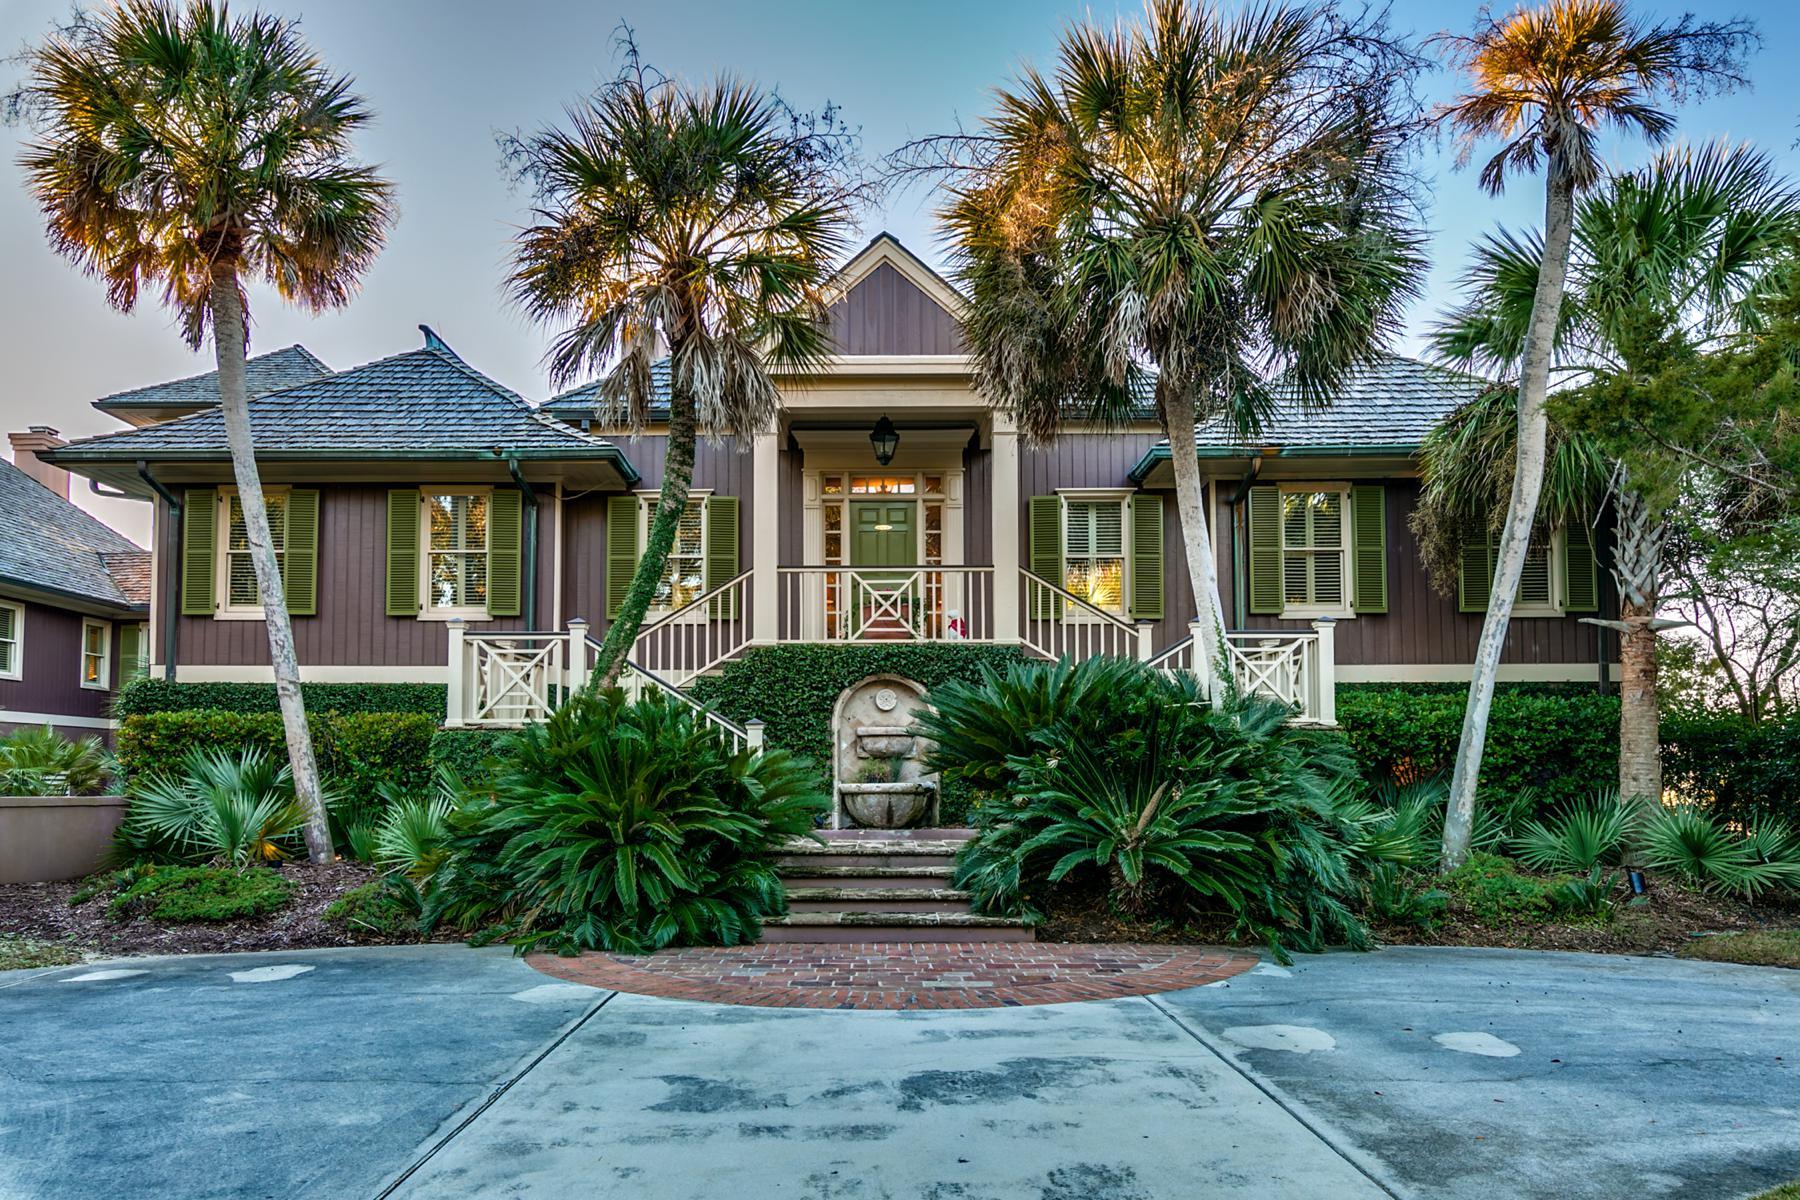 一戸建て のために 売買 アット 522 DeBordieu Blvd Georgetown, サウスカロライナ, 29440 アメリカ合衆国